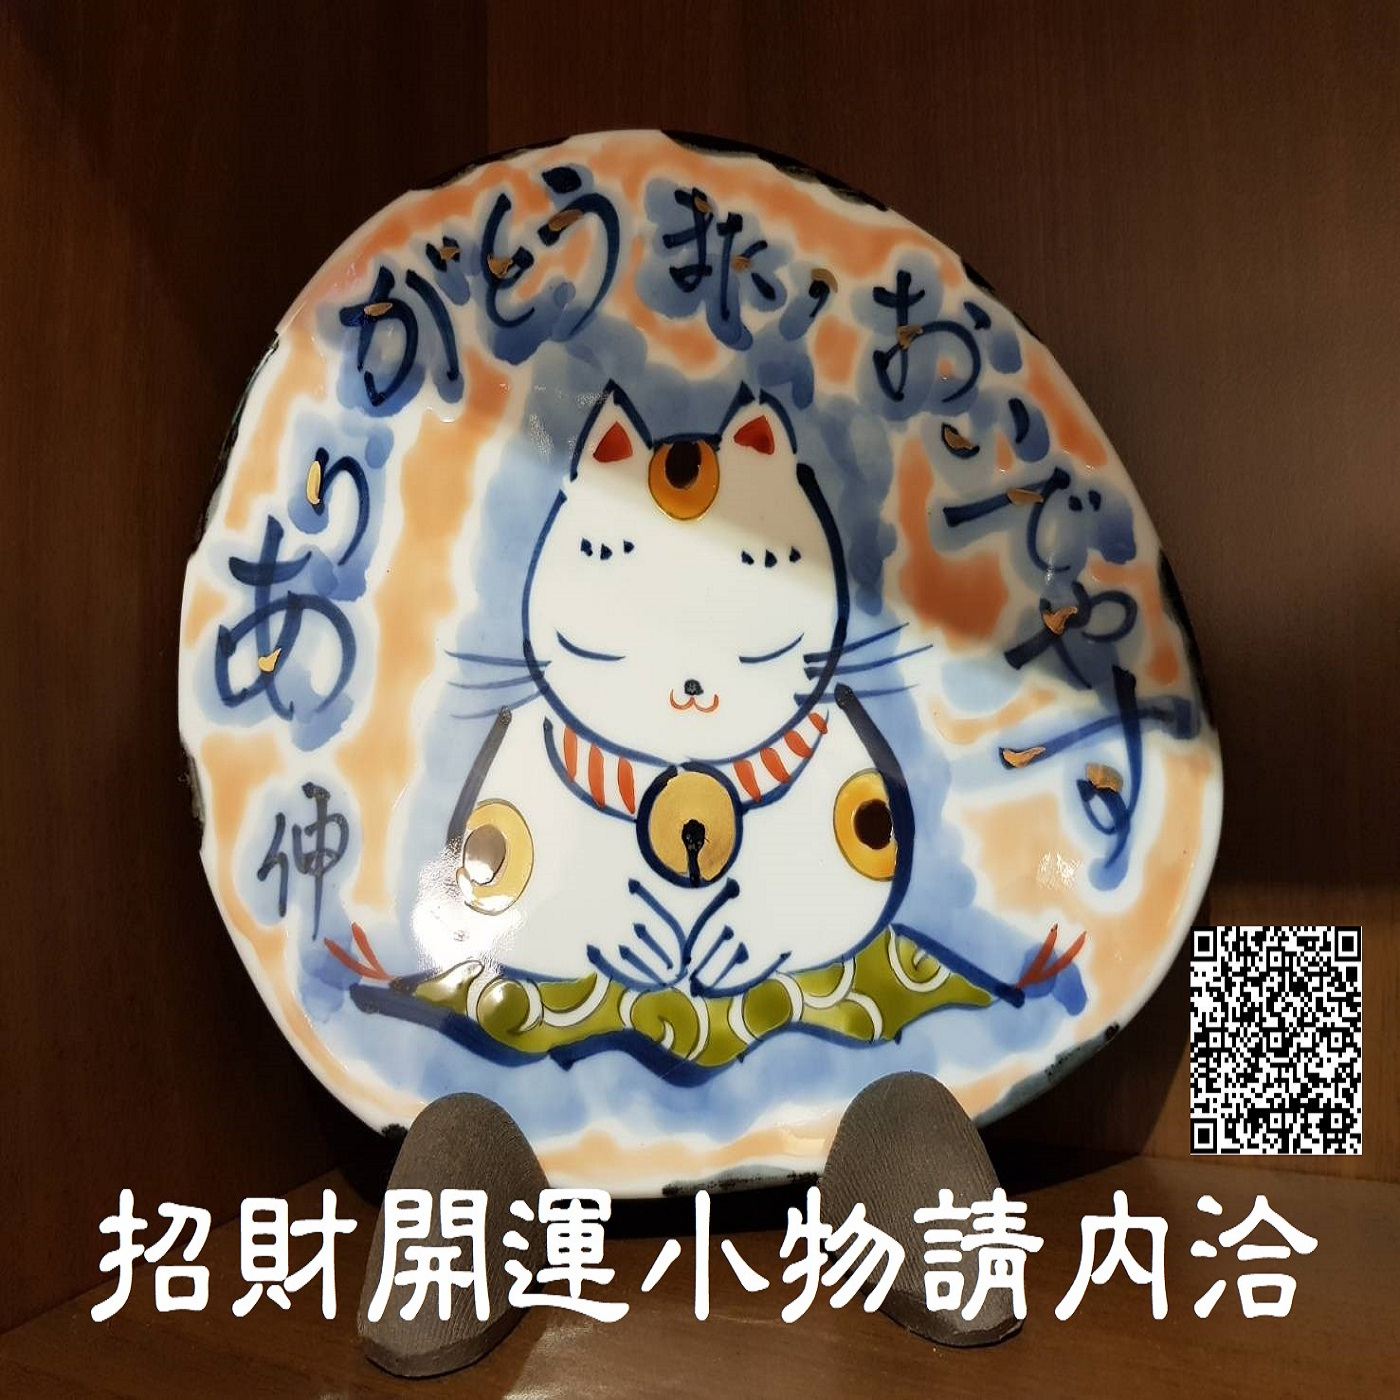 04/02(五)初二十一 阿明師兄報好運